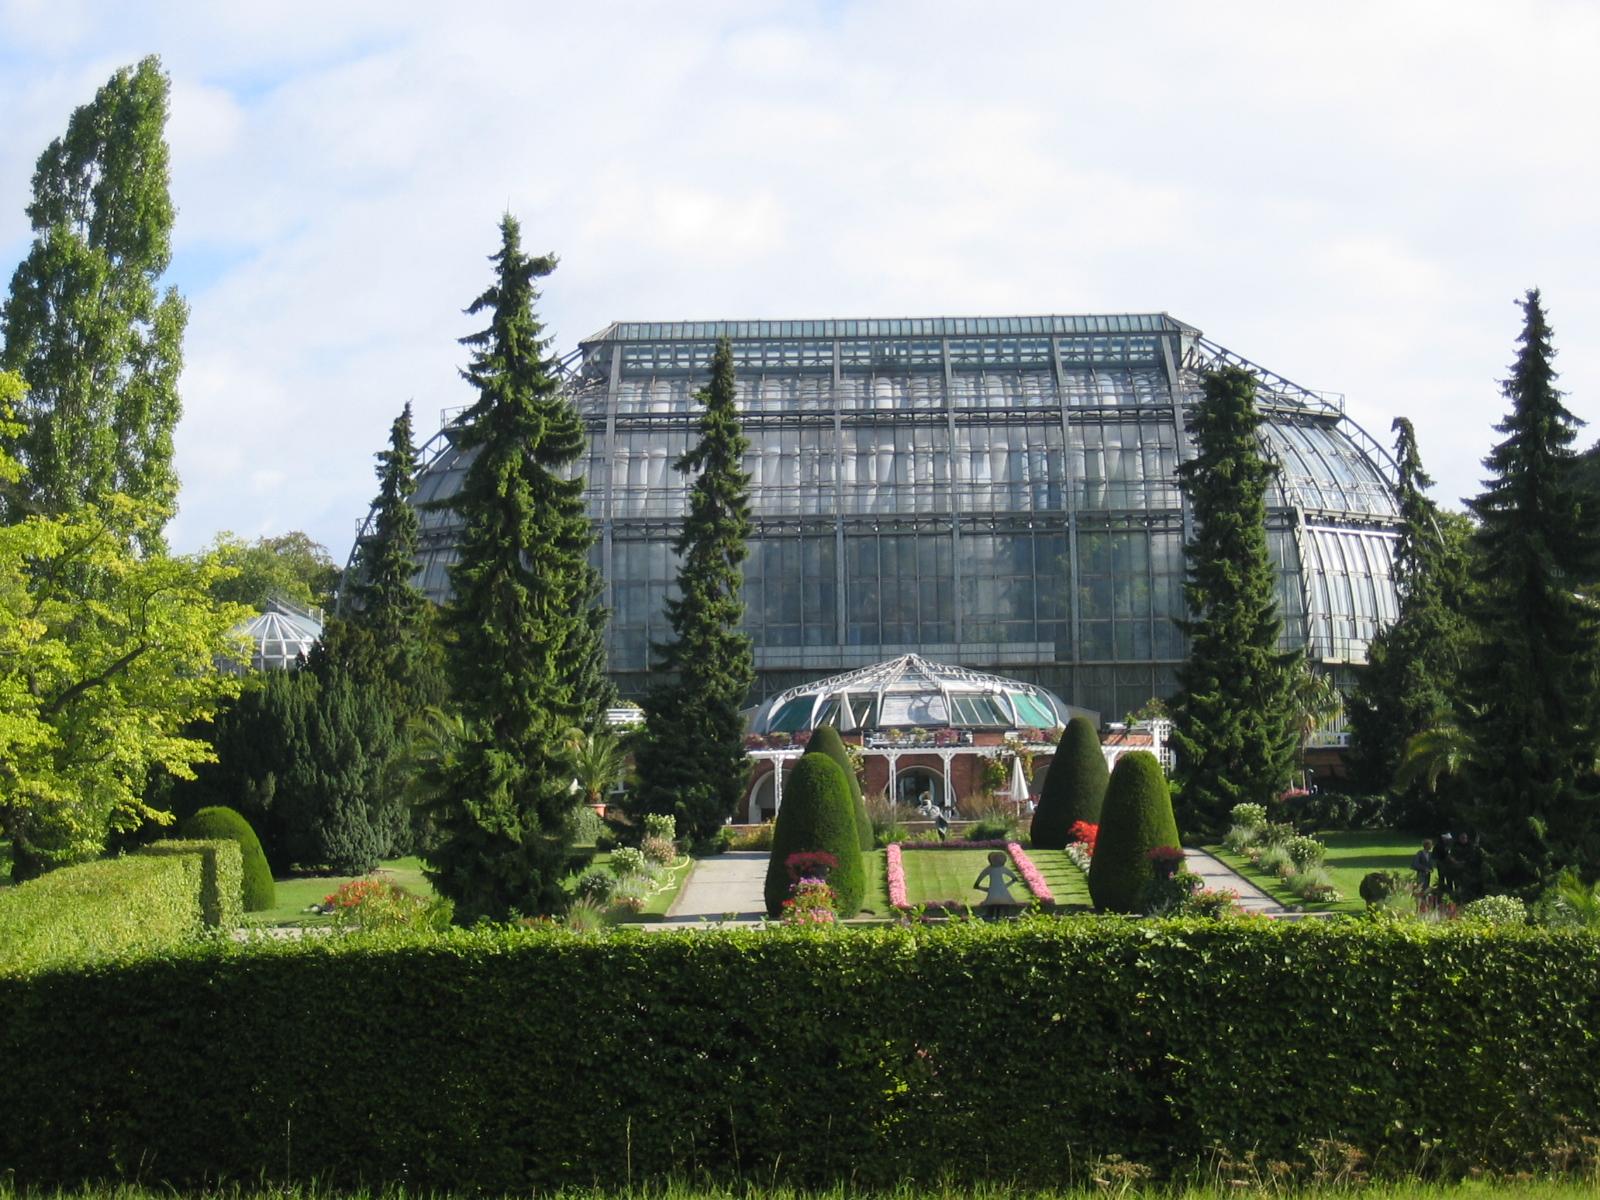 Gorgeous Photos Of The Botanischer Garten Hamburg  Boomsbeat